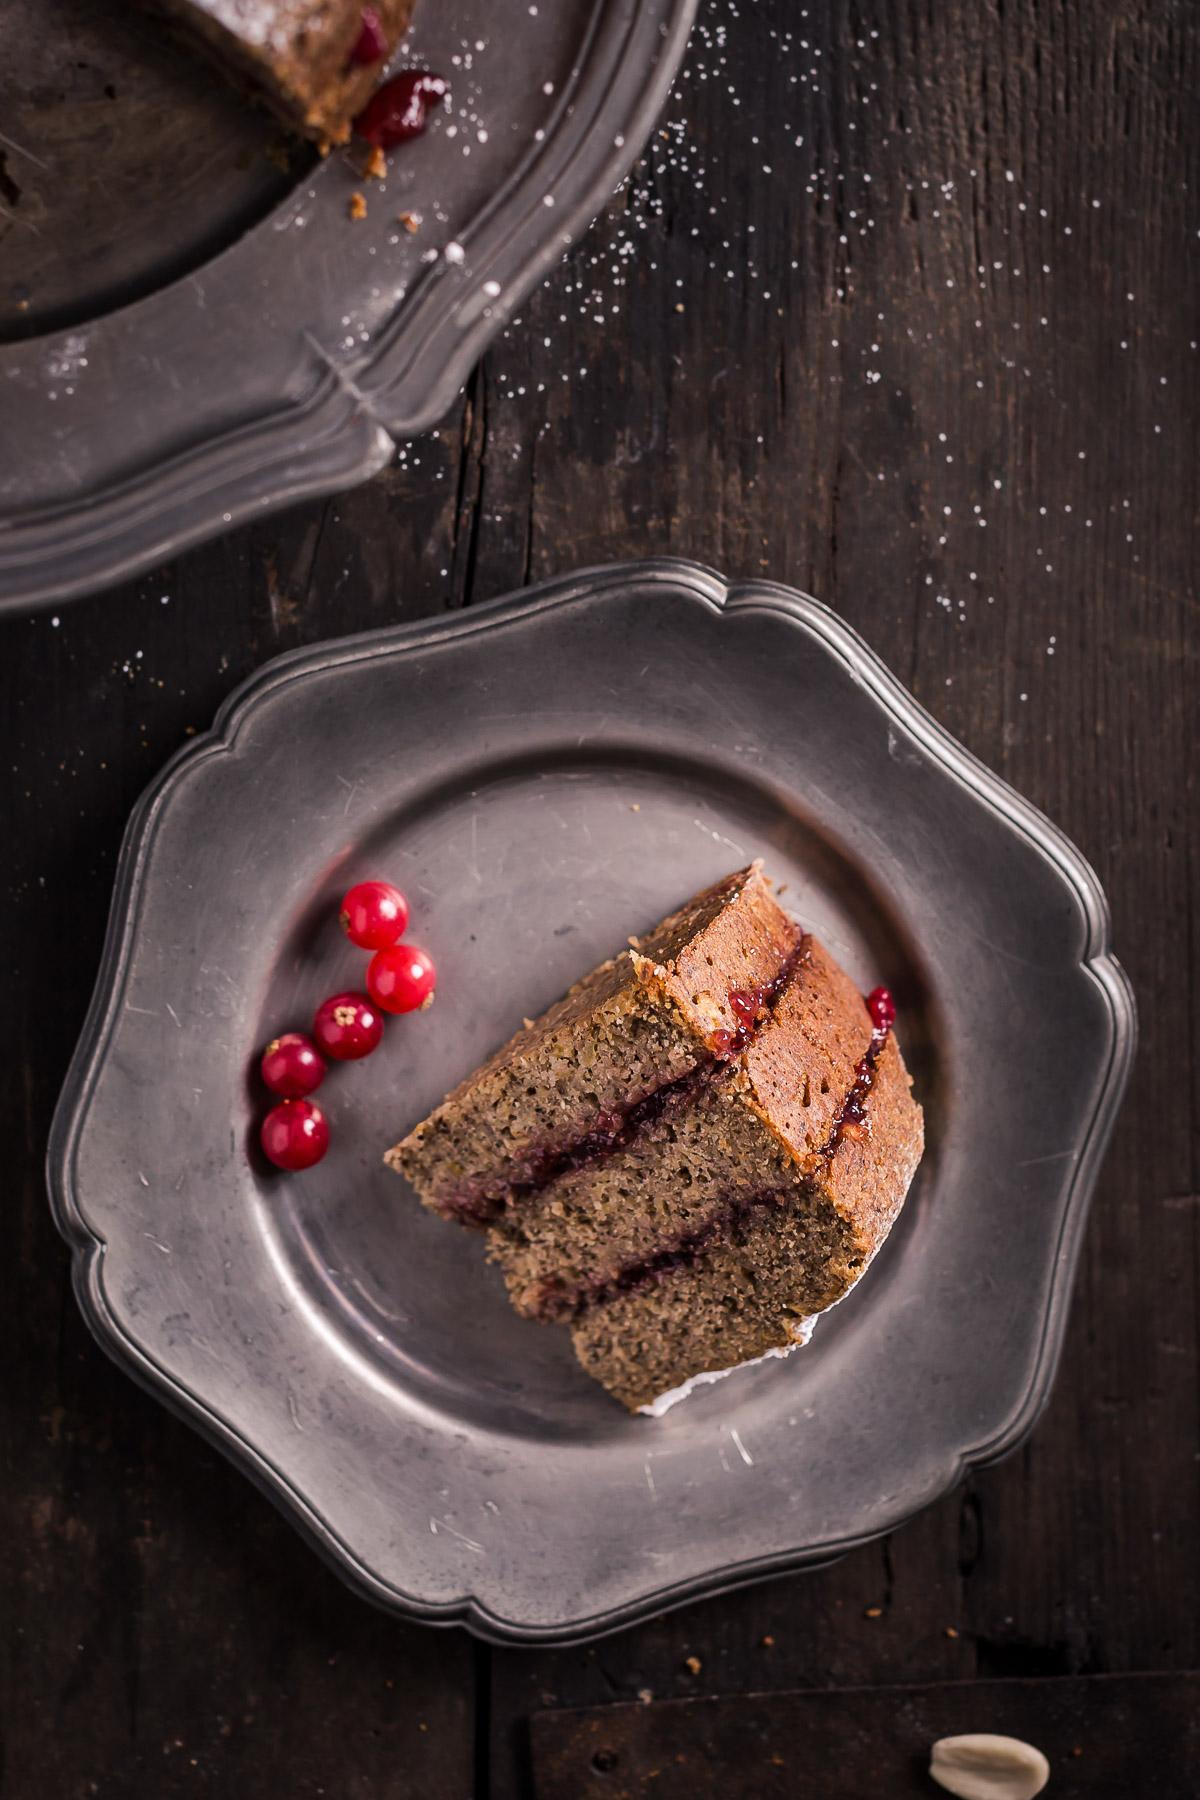 ricetta TORTA di GRANO SARACENO VEGAN SENZA GLUTINE altoatesina con marmellata di mirtilli rossi mandorle e mele senza burro senza uova - BUCHWEIZENTORTE Schwarzplententorte #vegan #glutenfree BUCKWHEAT APPLE CAKE with ALMONDS #apple #cake